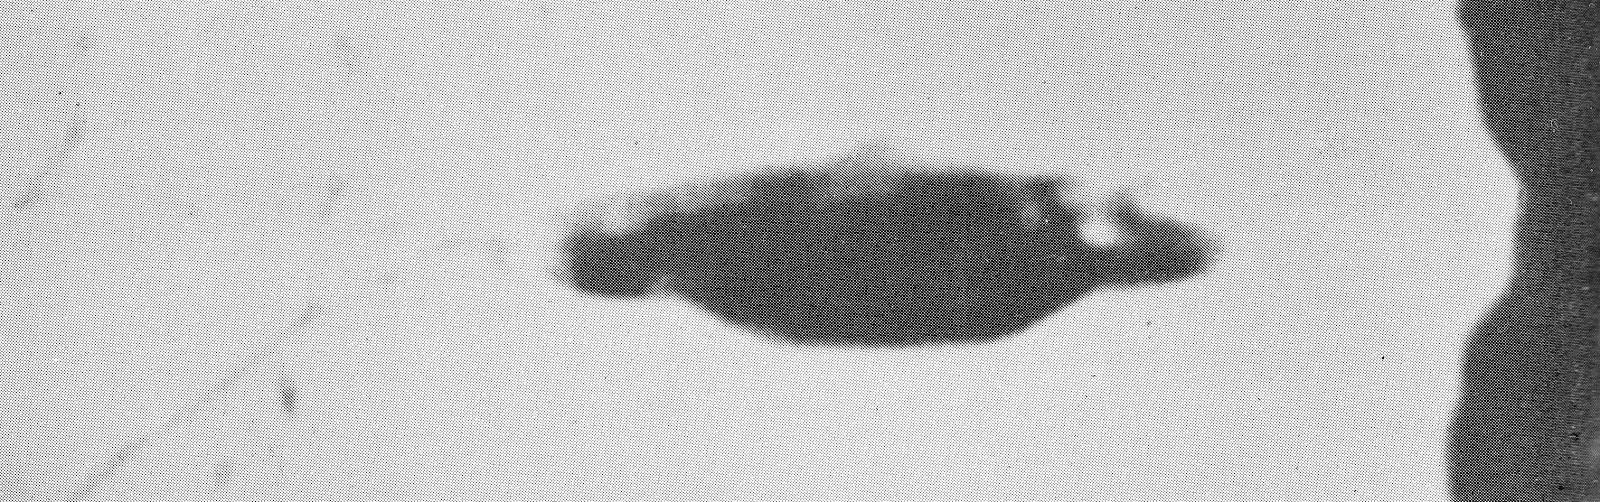 Reflections about UFOlogy